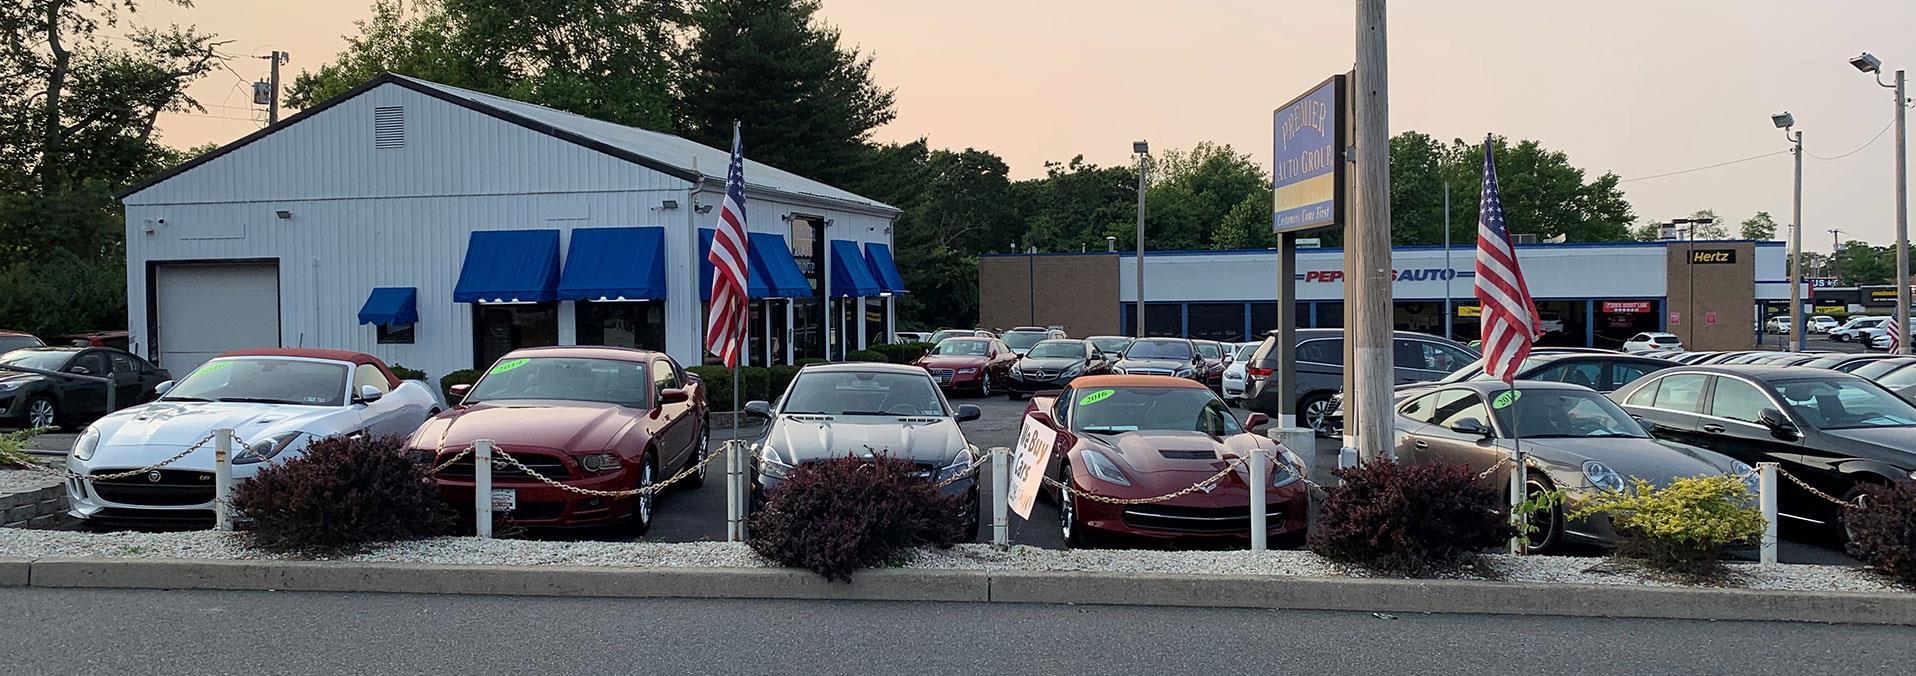 used cars turnersville nj used cars trucks nj premier auto group used cars turnersville nj used cars